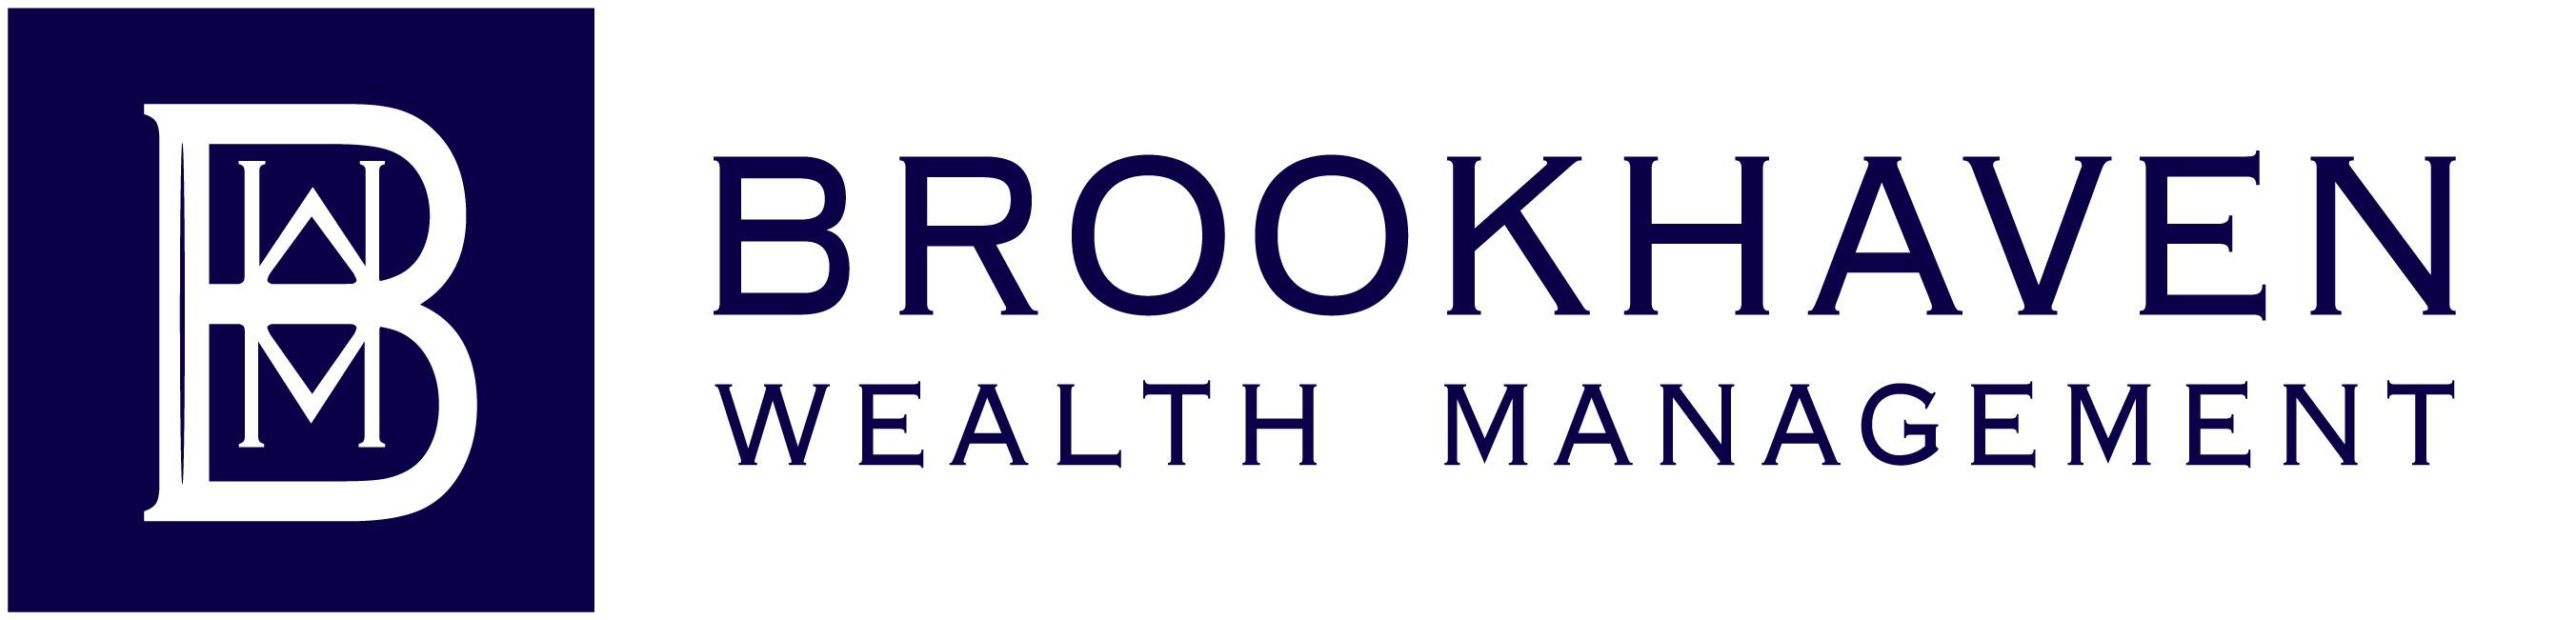 Brookhaven Wealth Management, Inc.